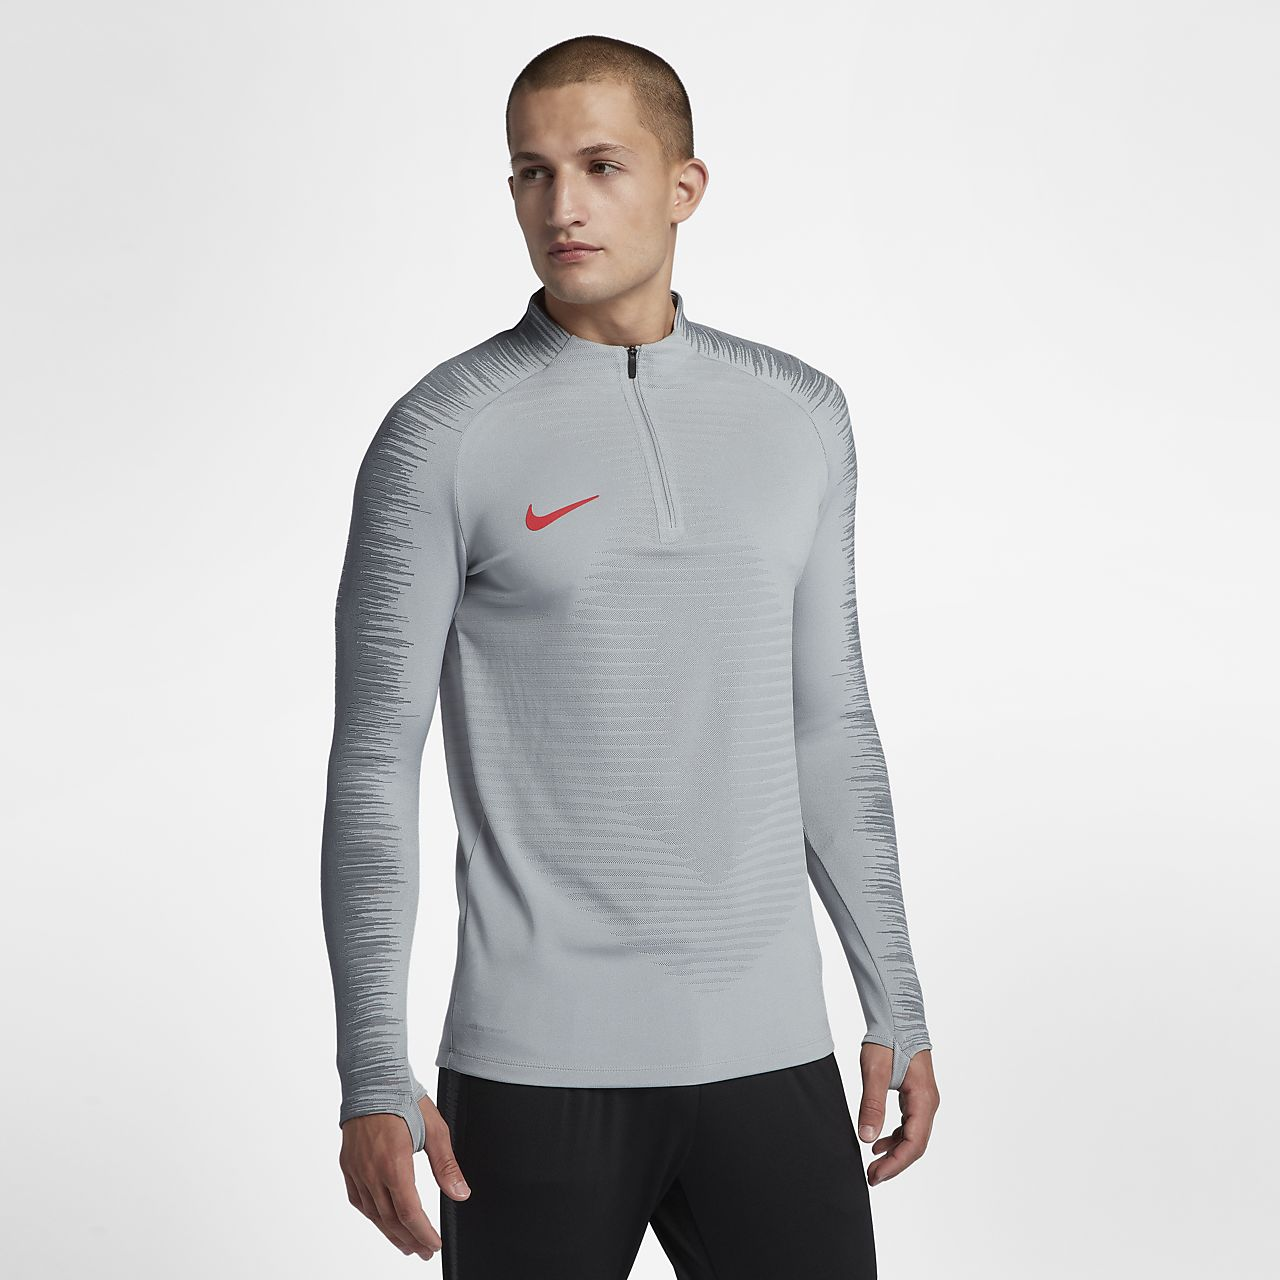 Ανδρική μακρυμάνικη ποδοσφαιρική μπλούζα Nike VaporKnit Strike